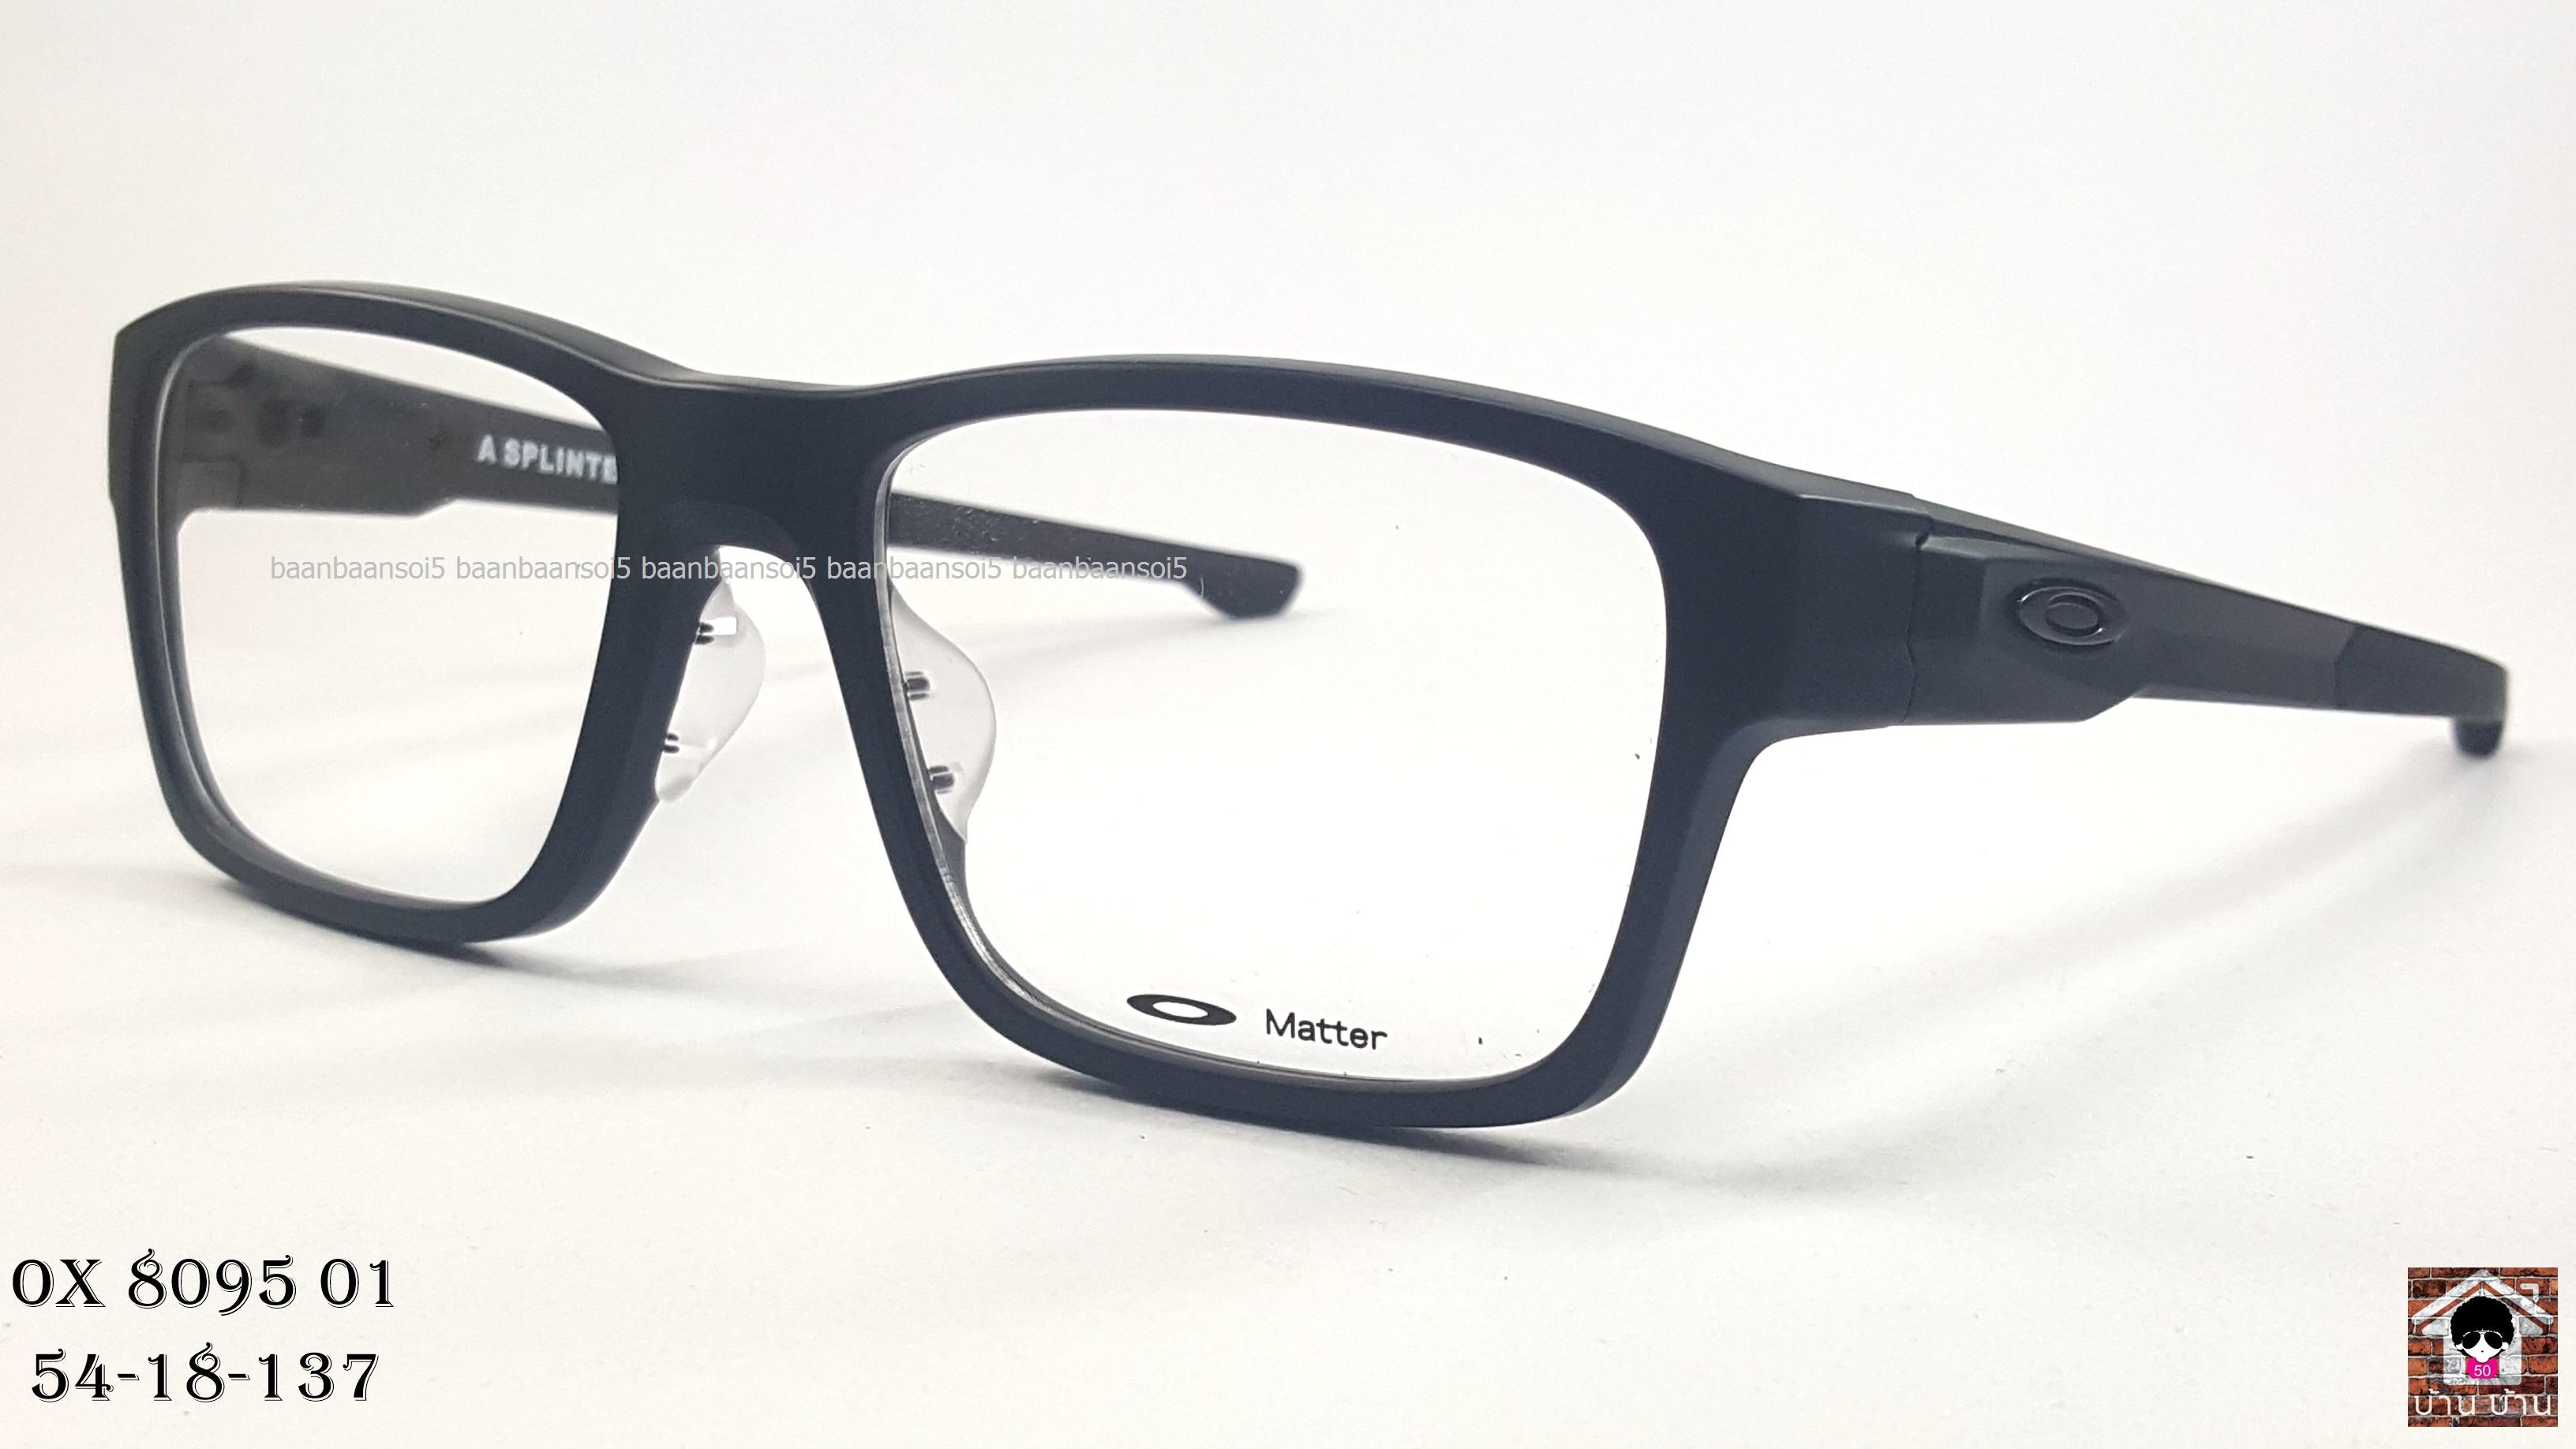 OAKLEY OX8095-01 SPLINTER (ASIA FIT) โปรโมชั่น กรอบแว่นตาพร้อมเลนส์ HOYA ราคา 3,900 บาท